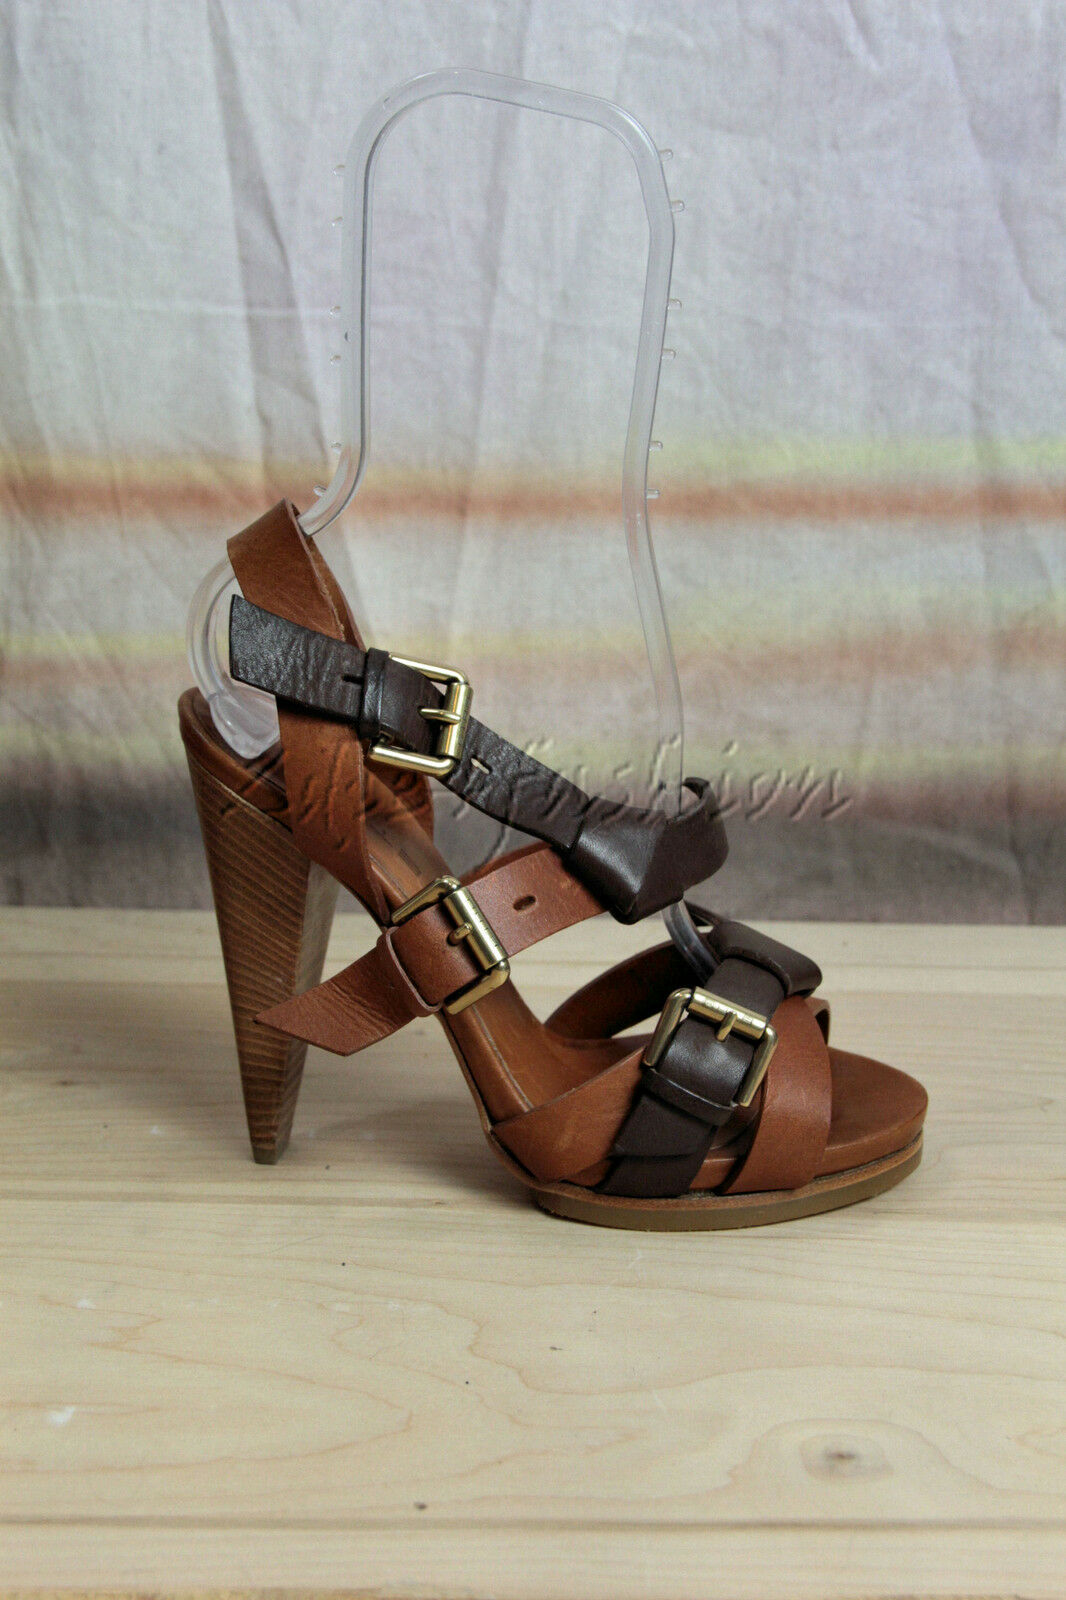 buona reputazione New in Box ETRO Marrone Marrone Marrone Leather Gladiator Metal Buckles Sandals Heels scarpe 38 8  grande sconto